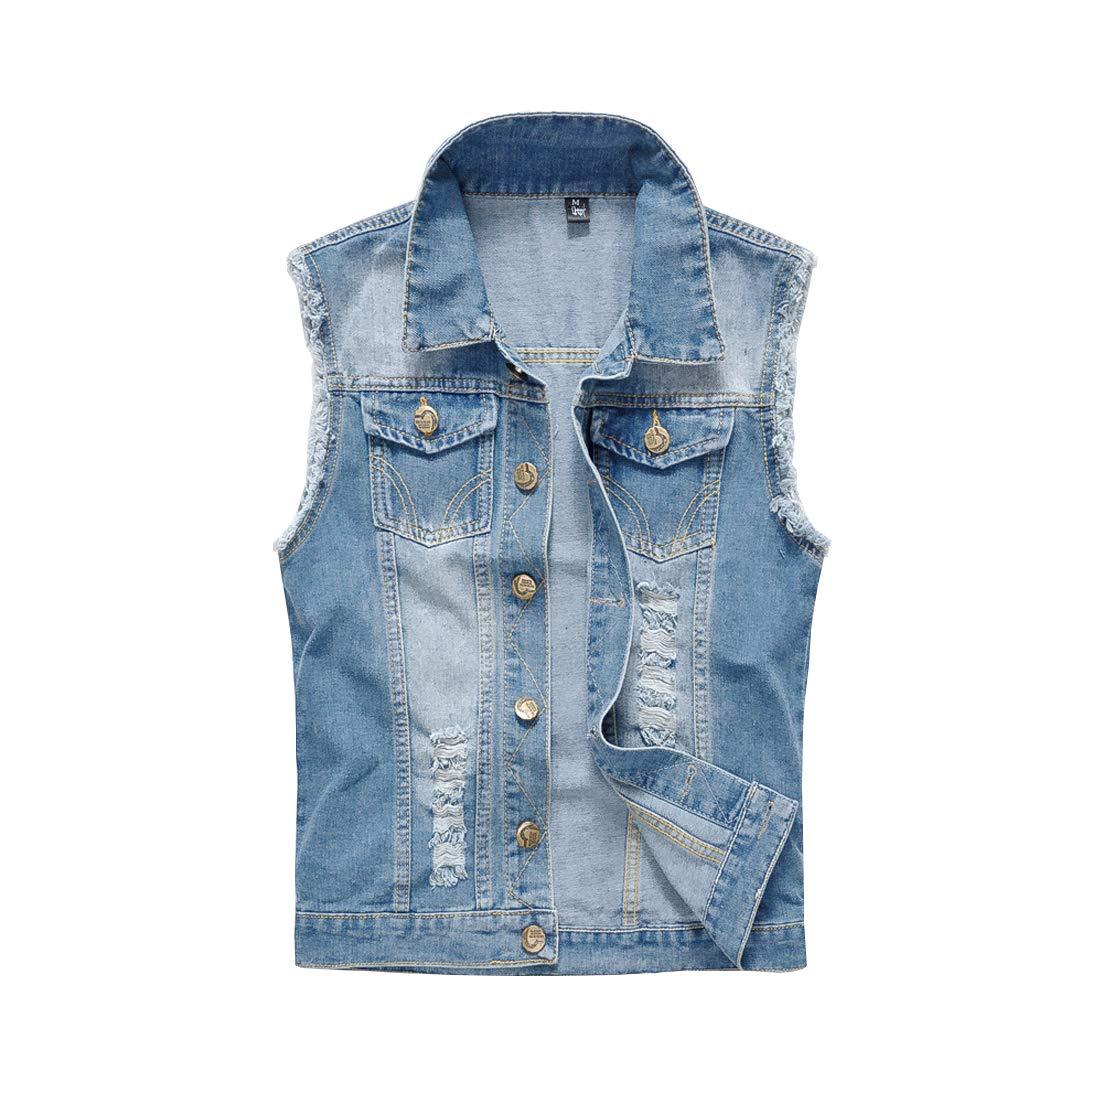 HORZEE Men's Casual Denim Vest Button-Down Trucker Jean Jacket Light Blue, Small by HORZEE